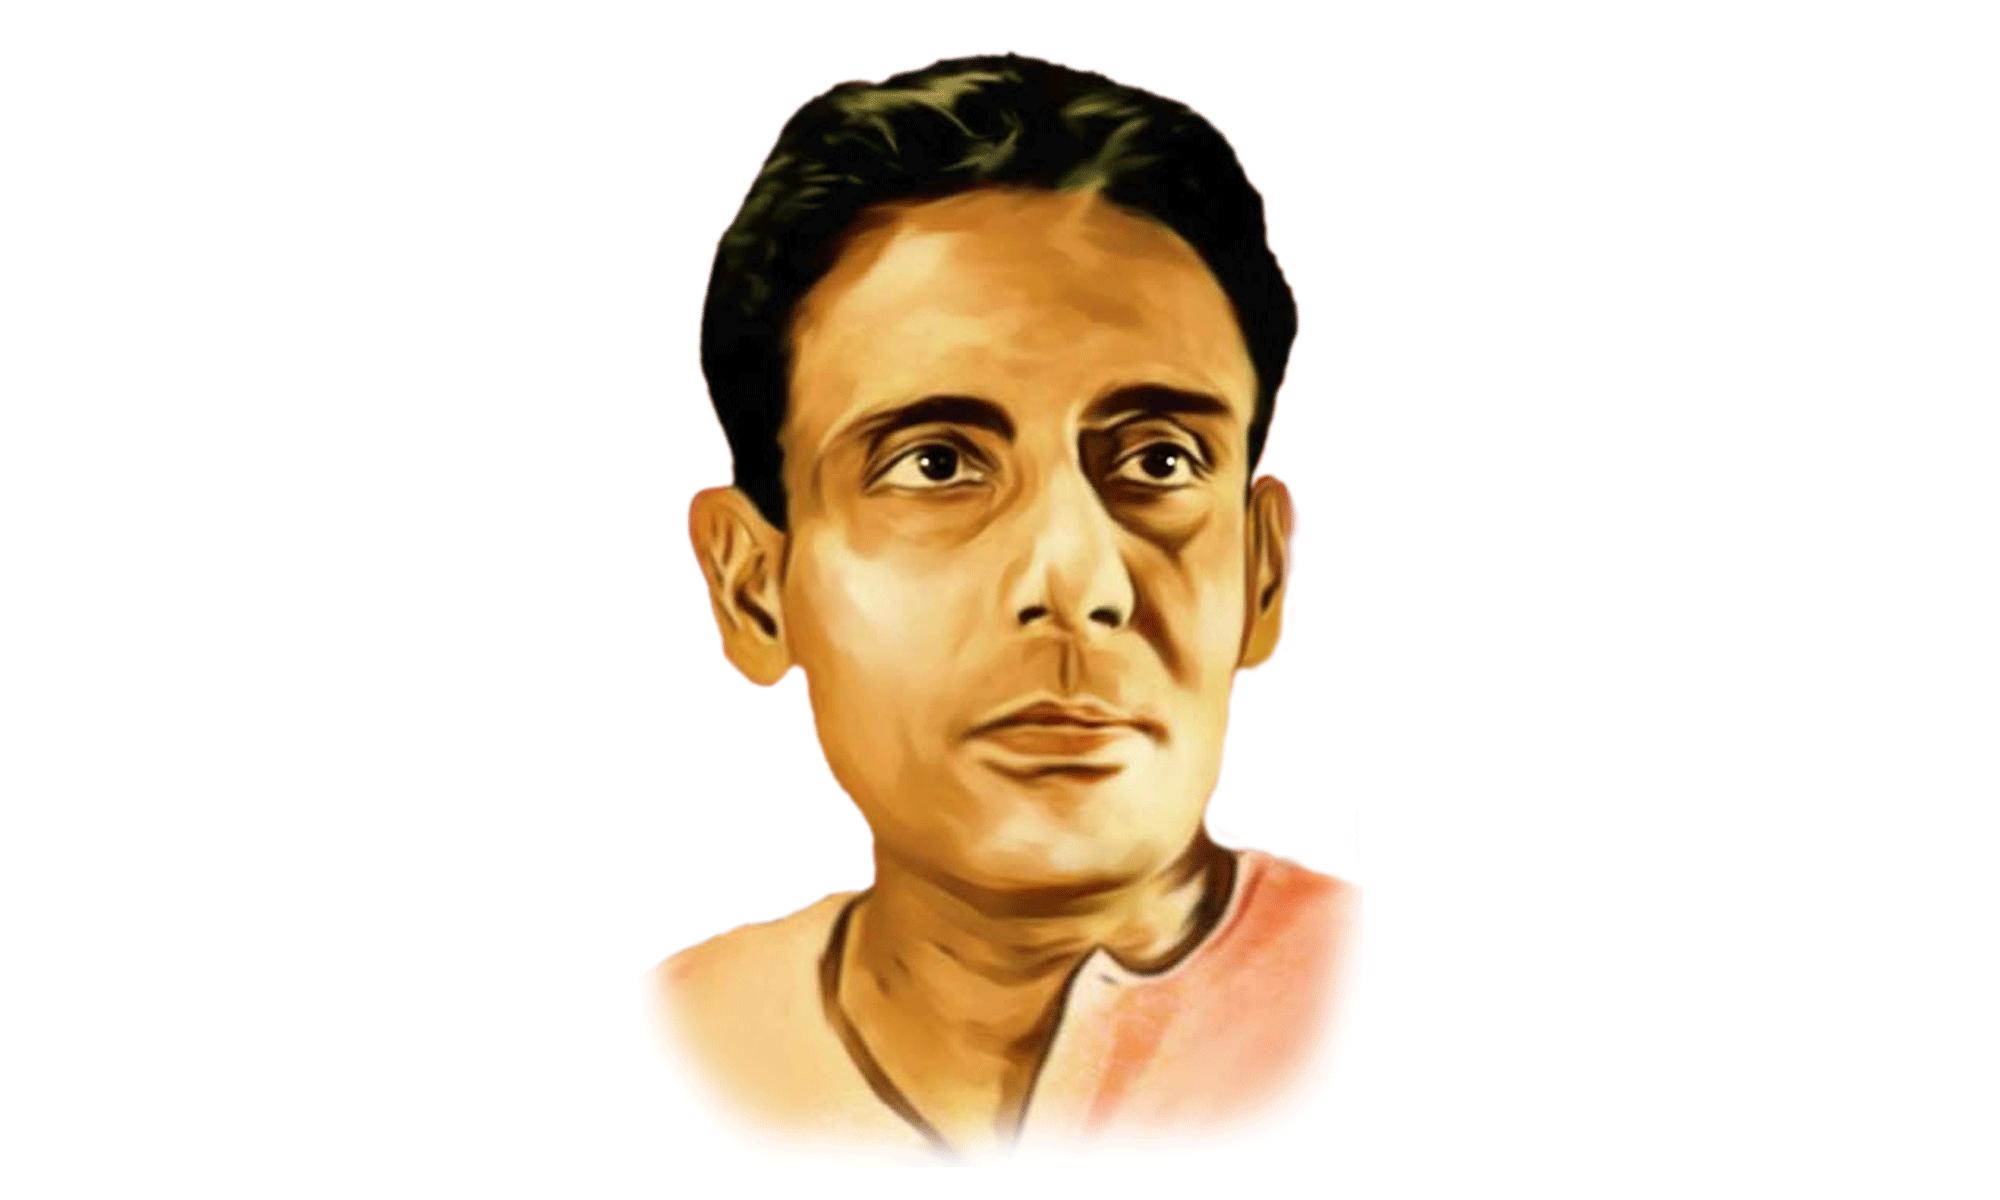 শ্যামল মিত্র | Shyamal Mitra